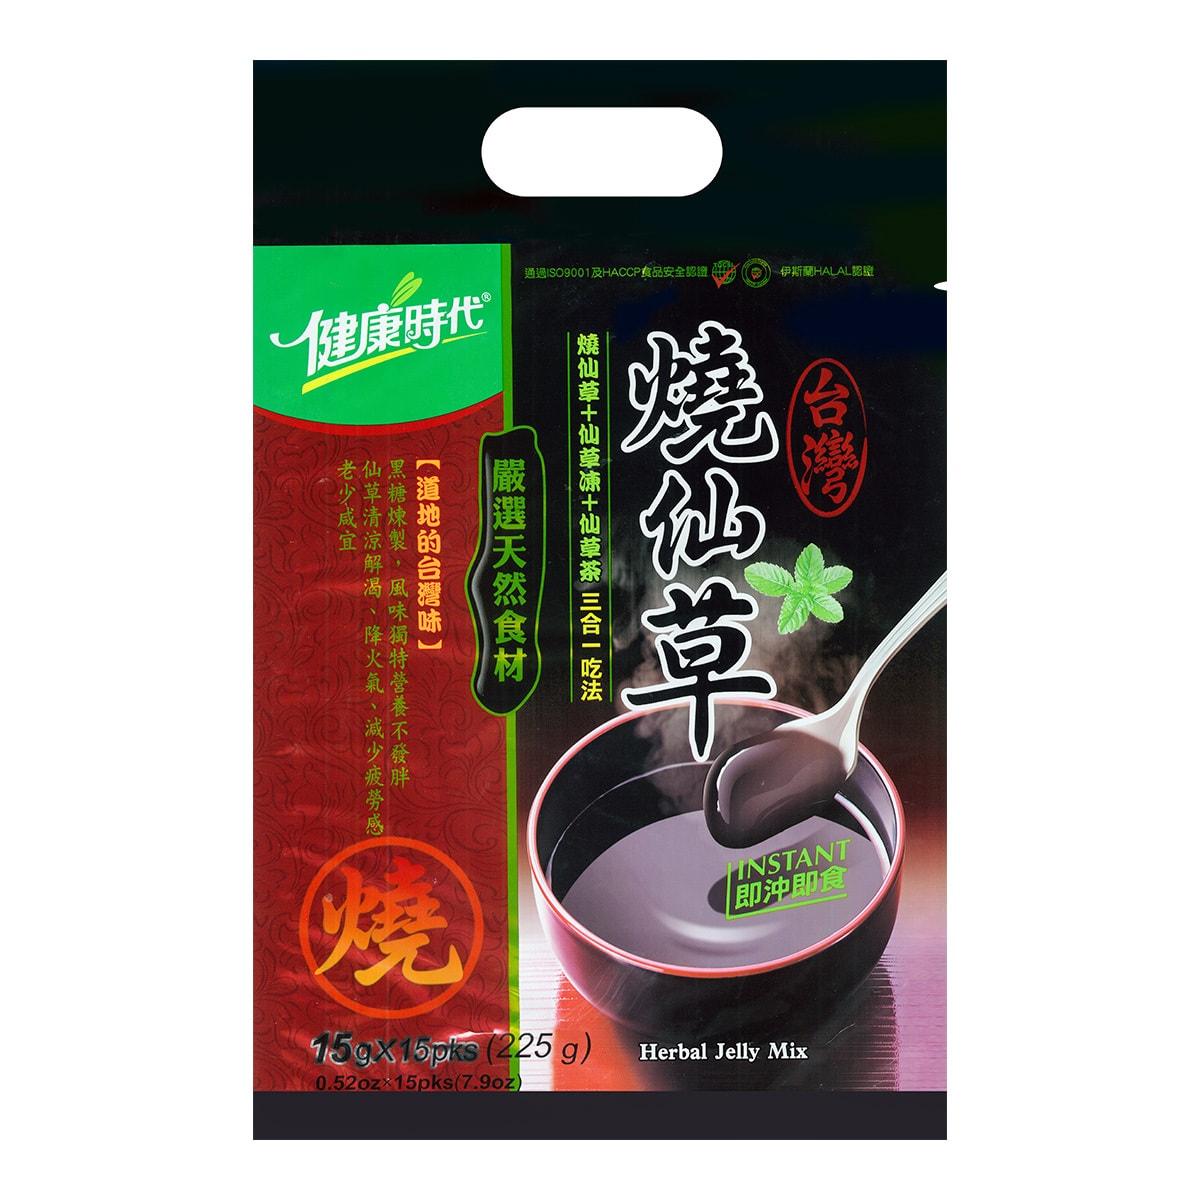 台湾健康时代 即食黑糖烧仙草 15包入 225g